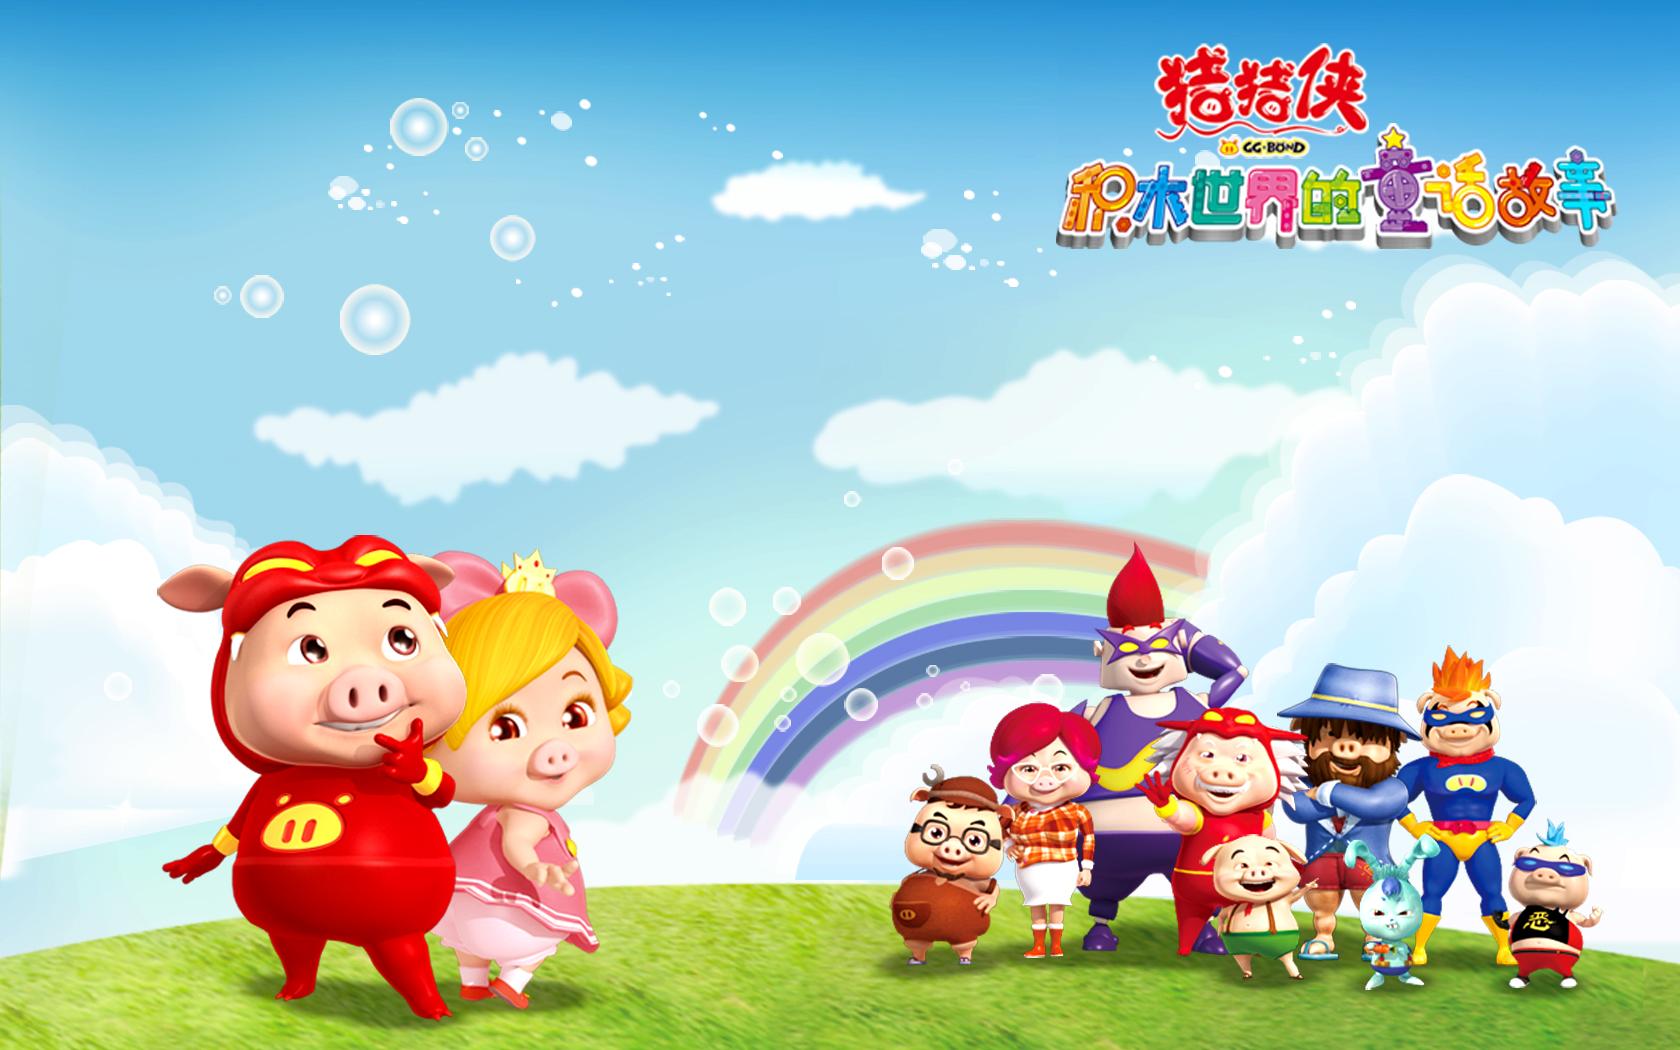 猪猪侠之积木世界的童话故事ppt背景图片下载图片